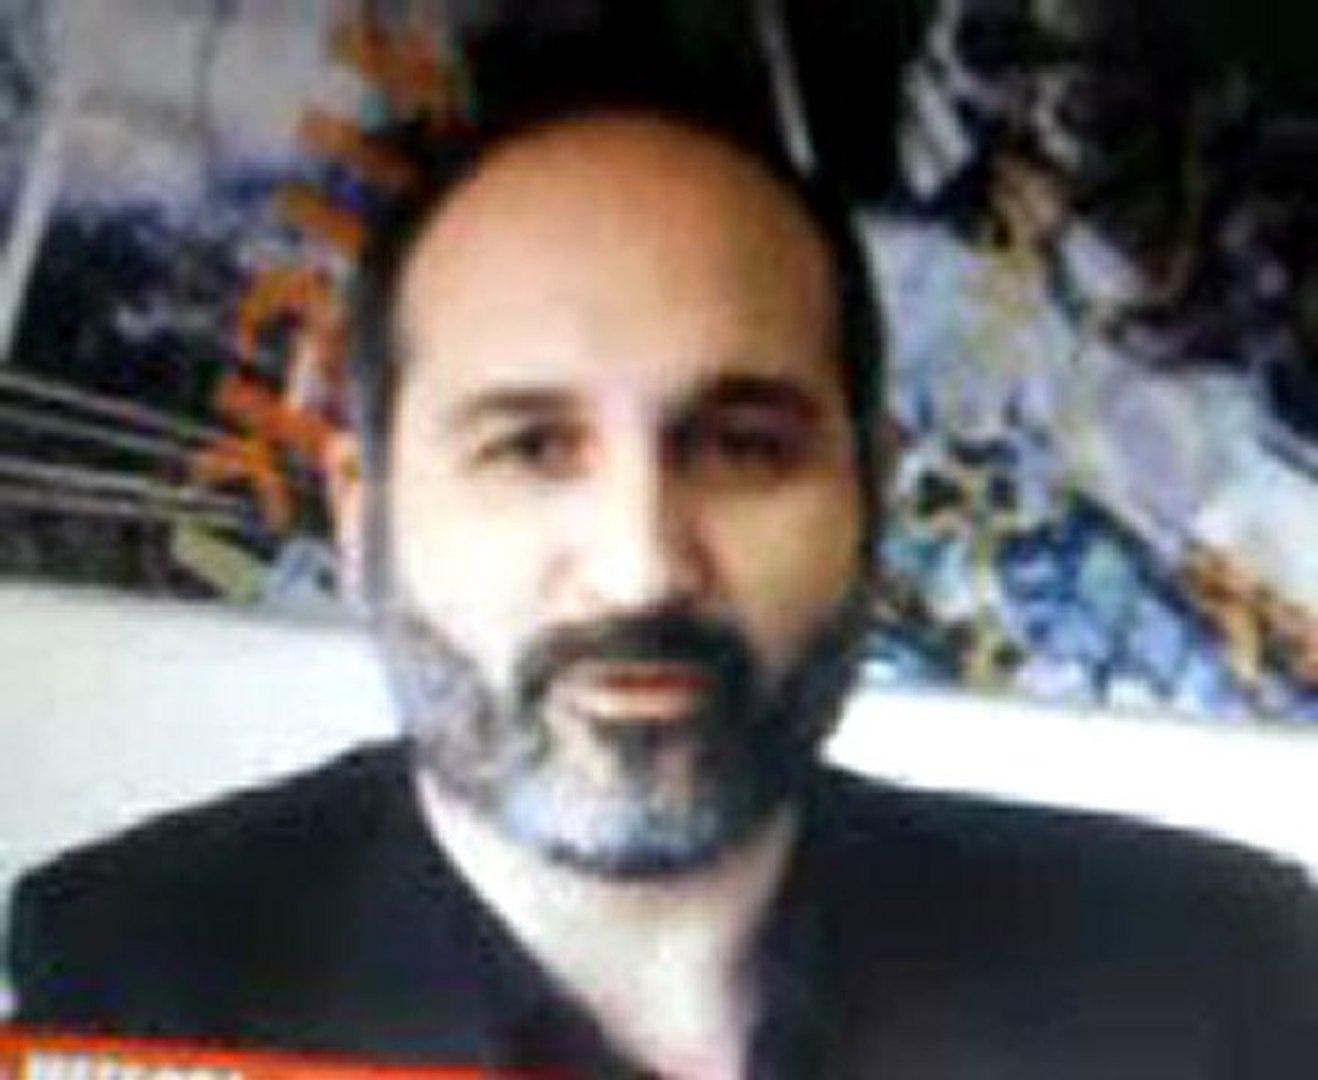 Elogio al bravissimo Claudio Messora alias Byoblu